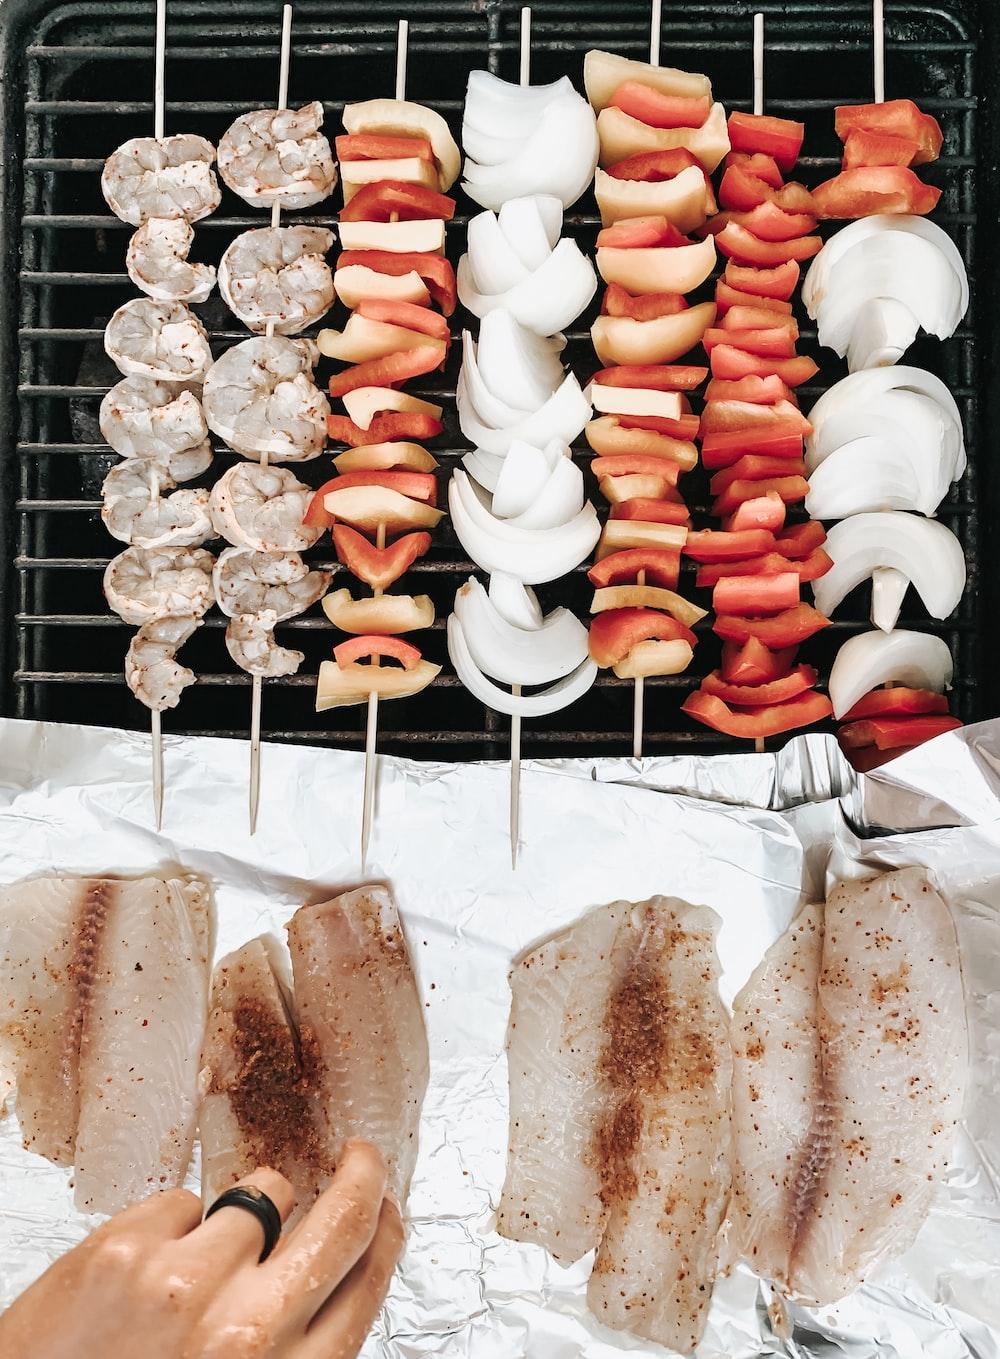 skewered food on grill